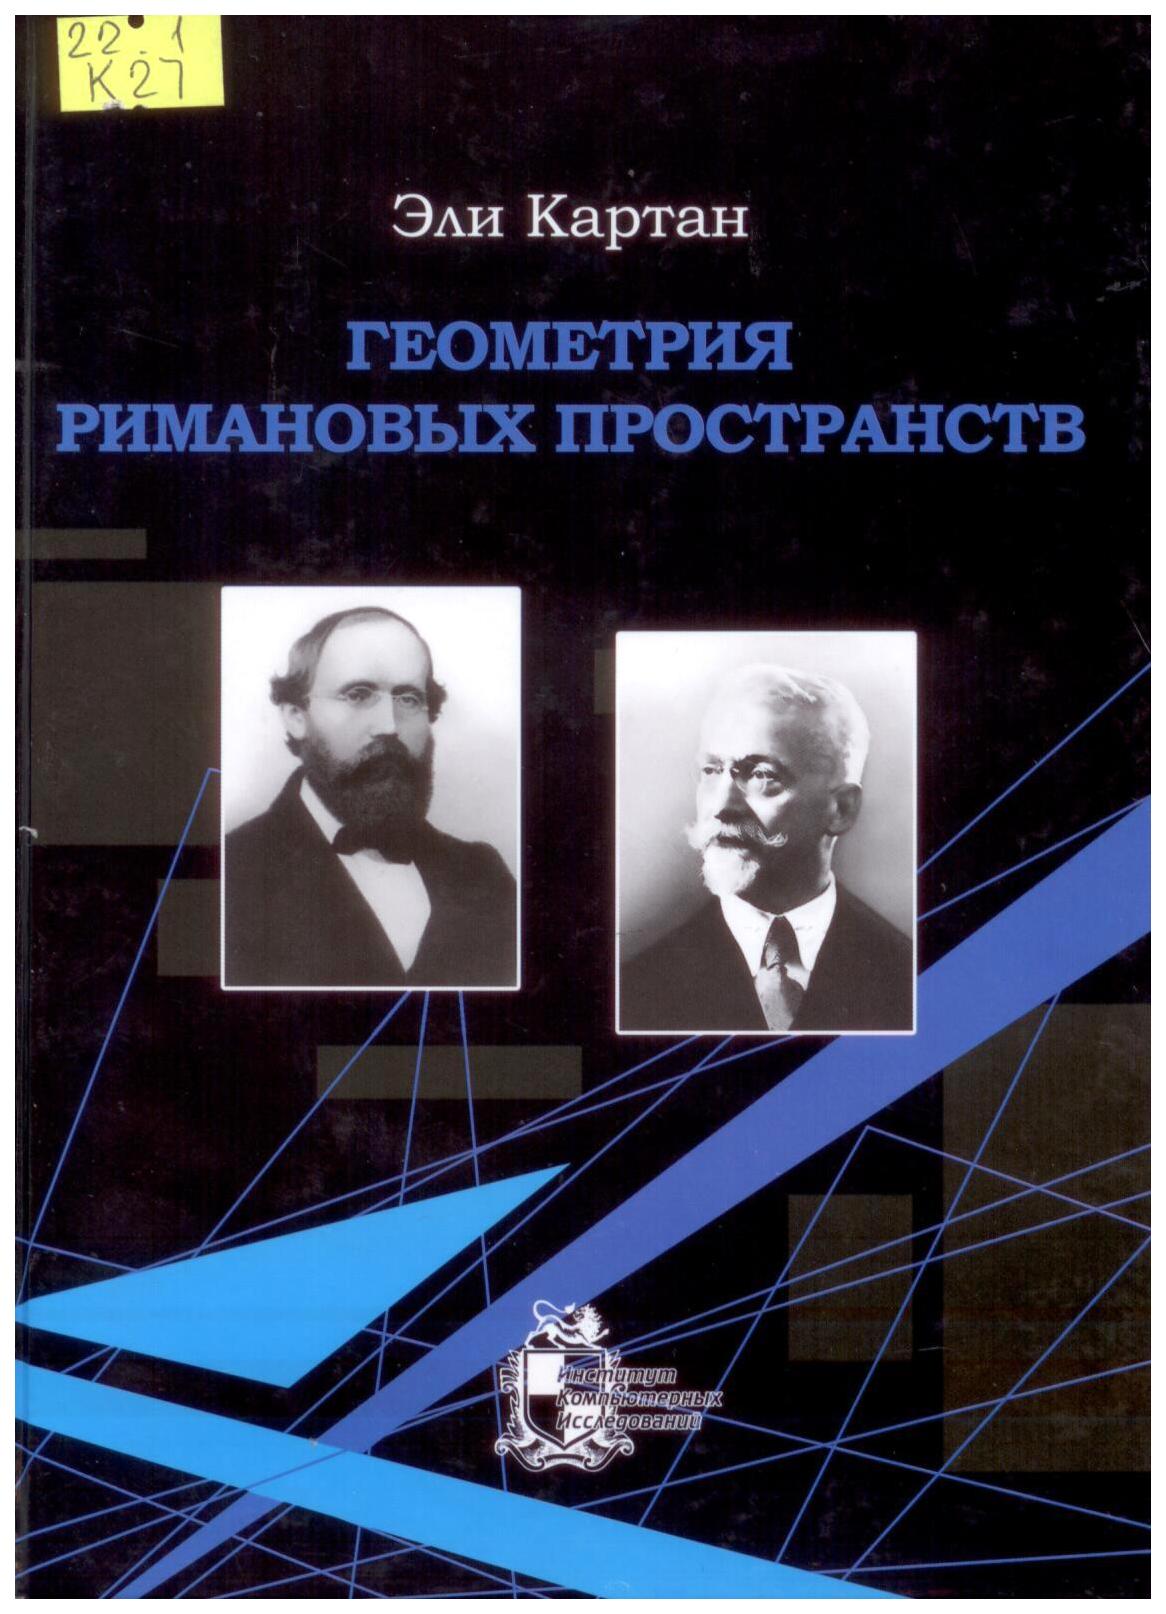 Книга Институт компьютерных исследований Геометрия римановых пространств фото